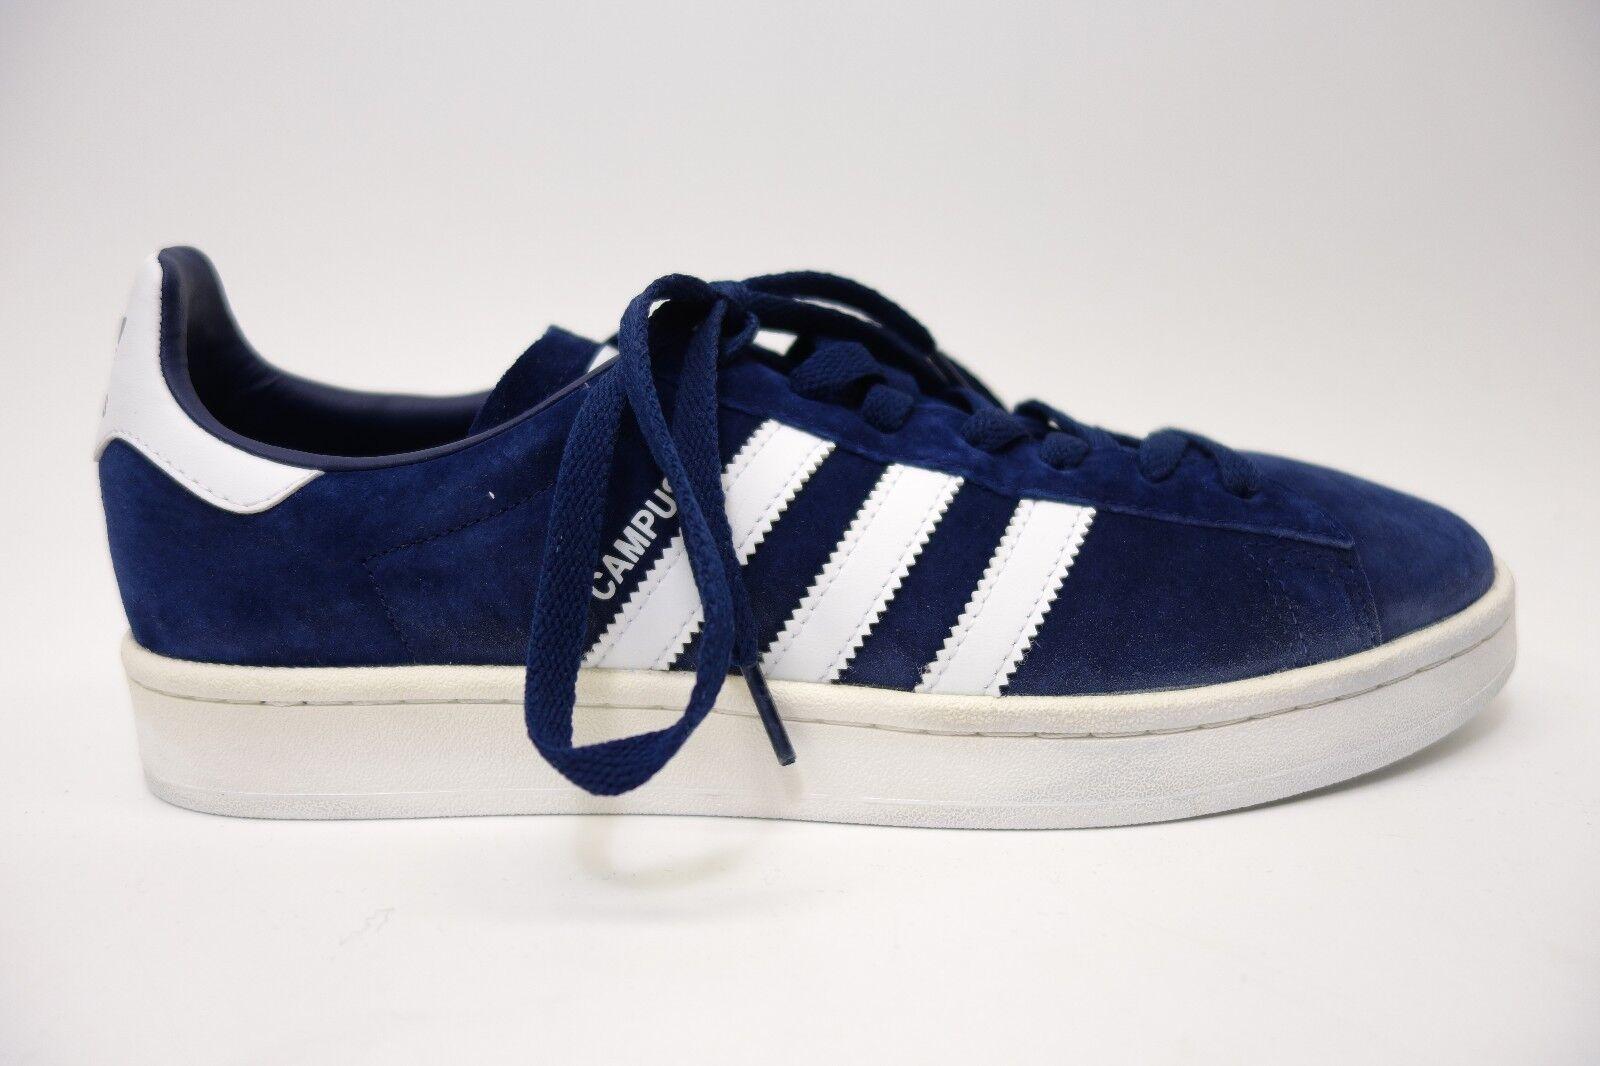 Neue adidas - mens dunkelblau und weiß campus wildleder größe lace up sneaker schuhe größe wildleder 9,5 502a65